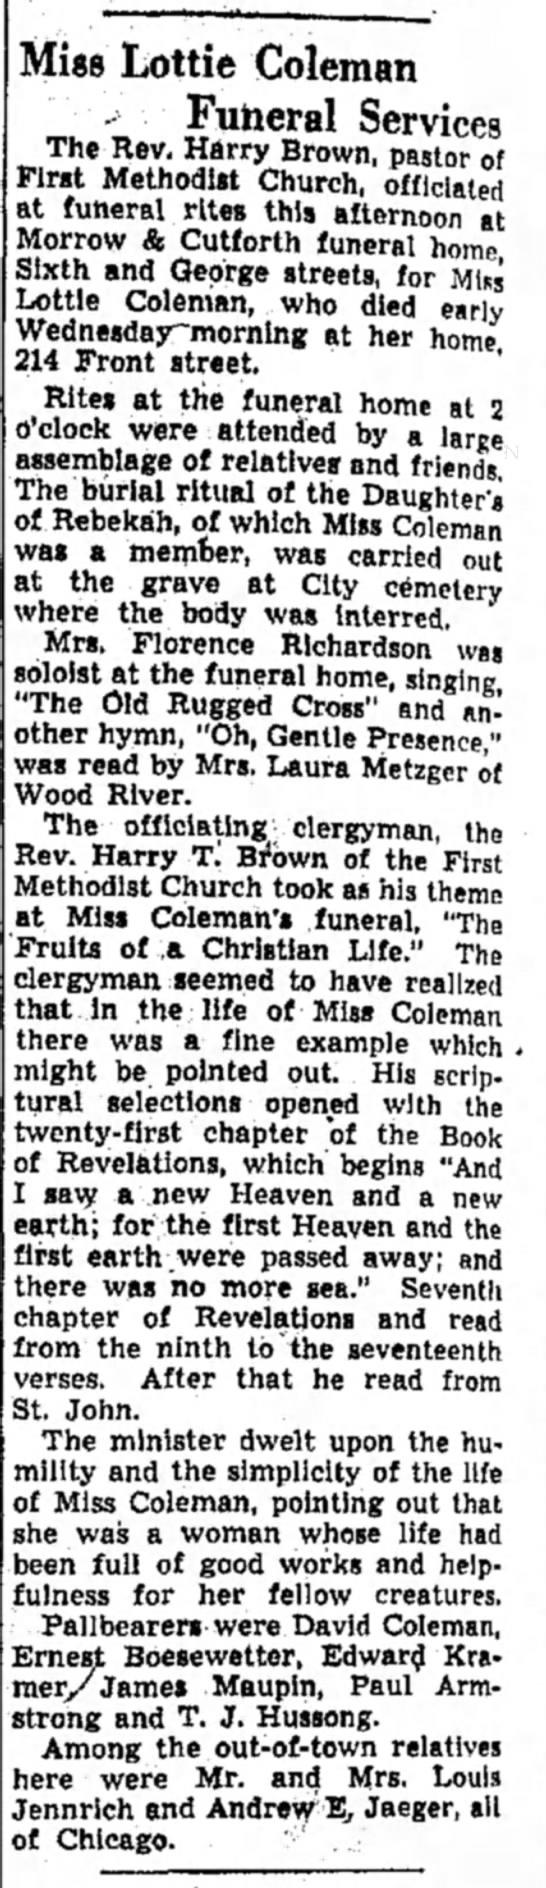 Lottie Coleman dies 22 Sep 1939